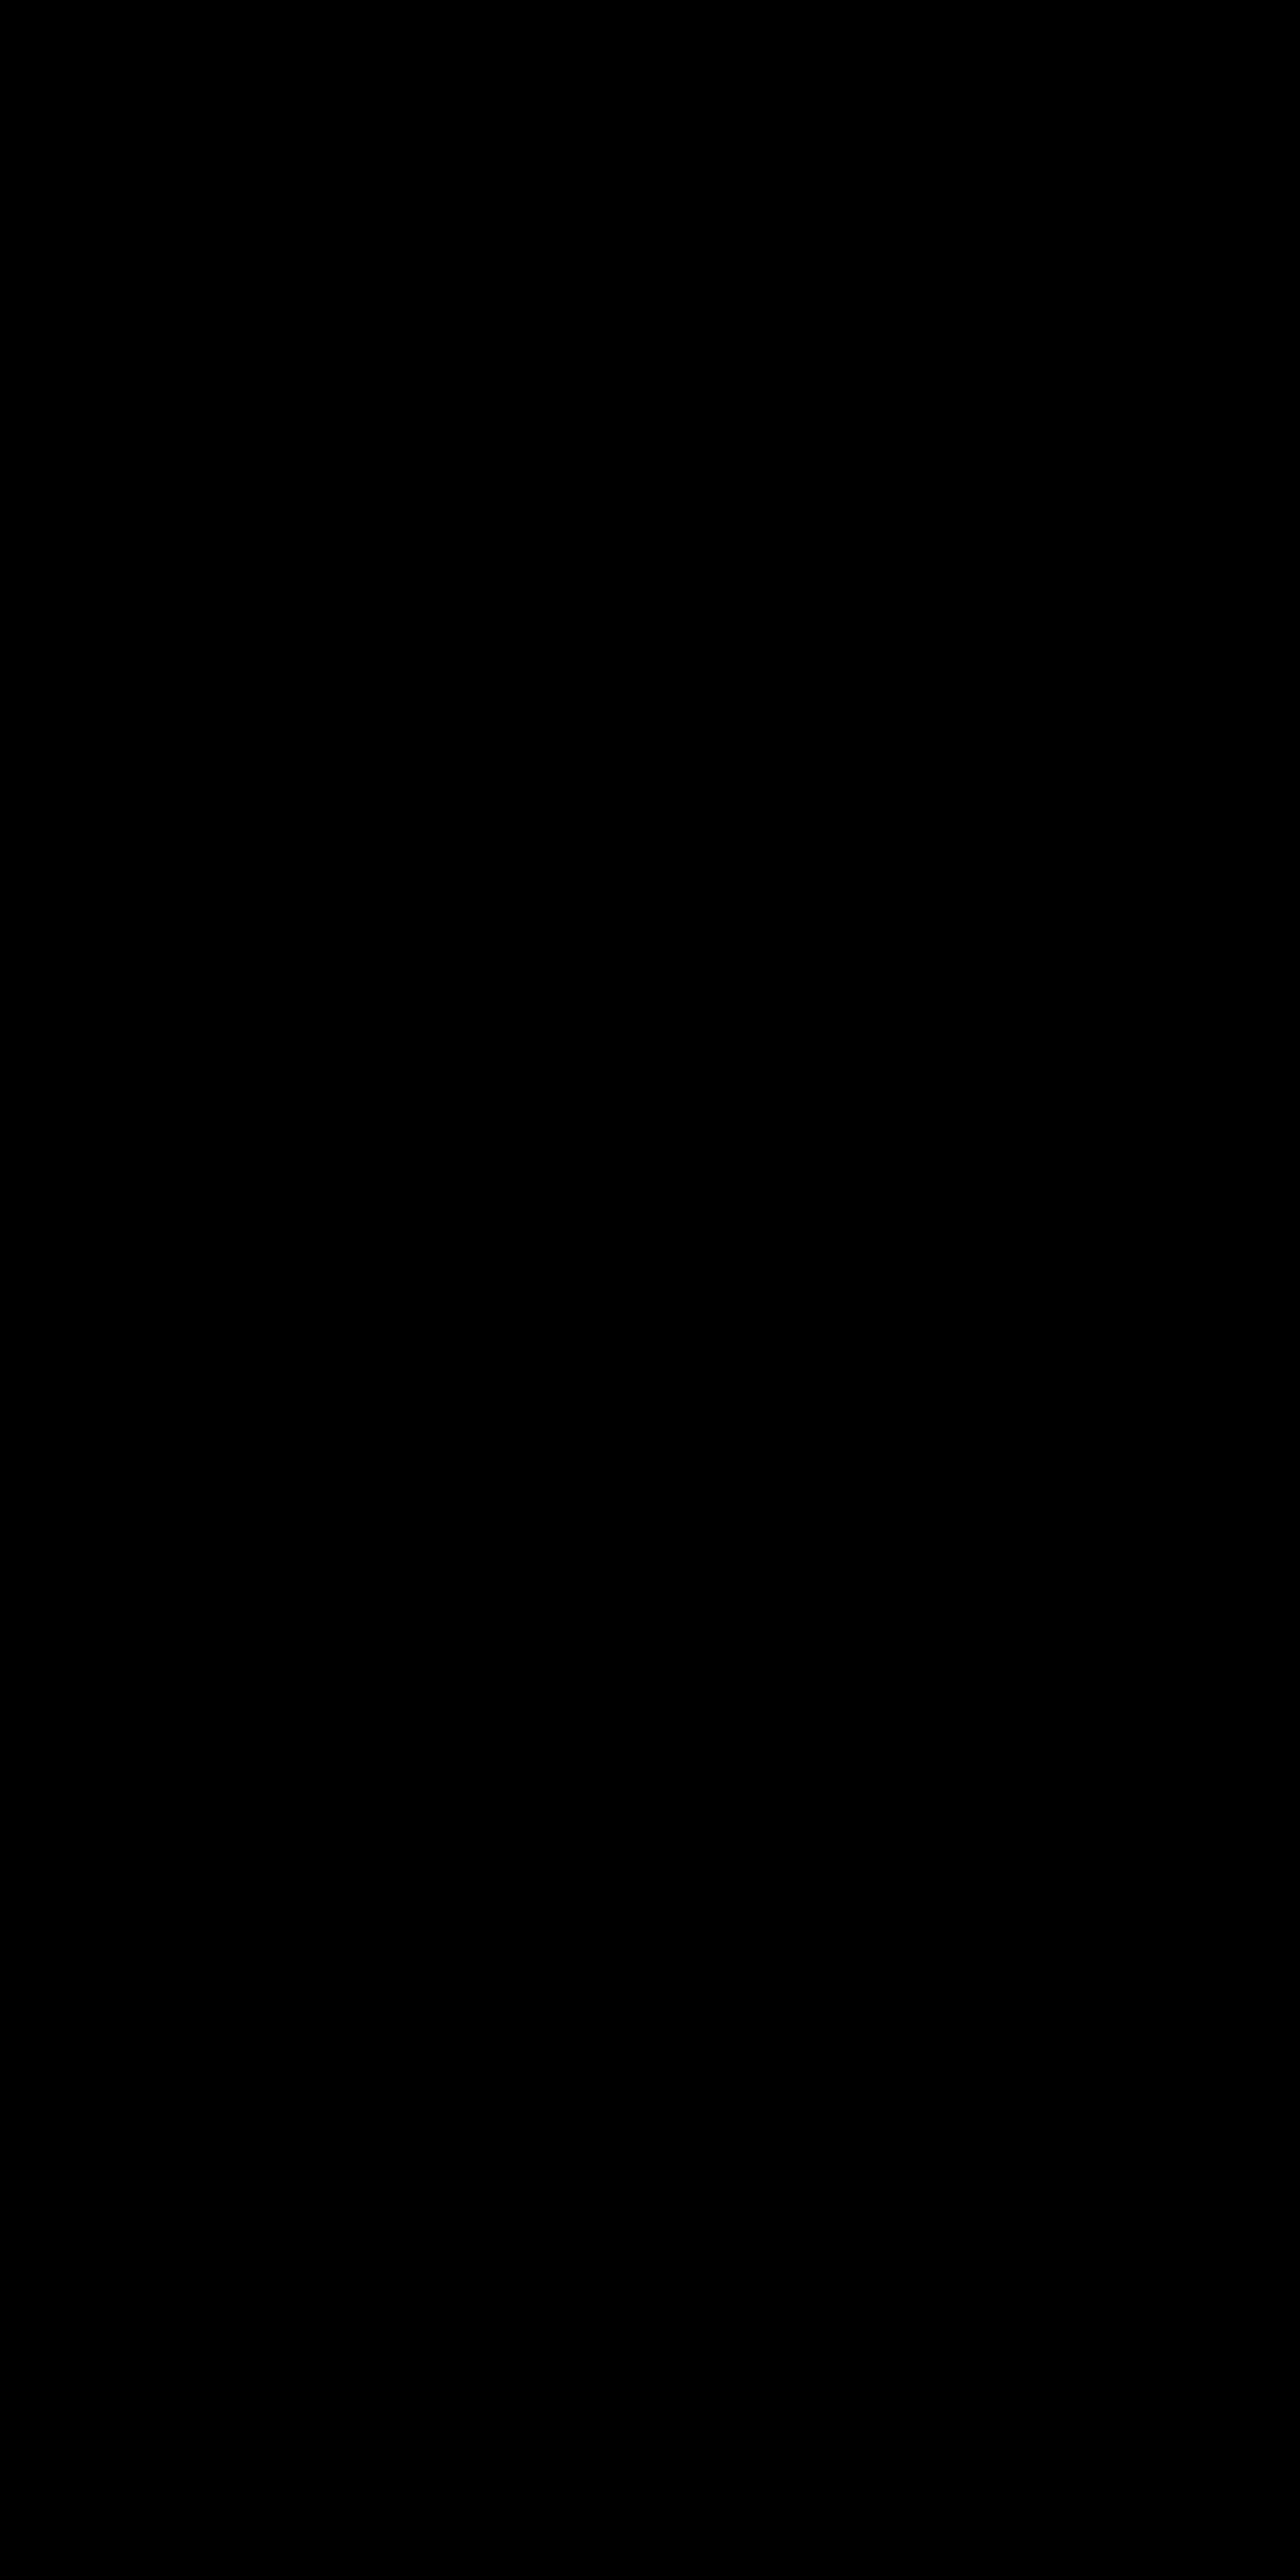 [2019학년도] 5학년 설계 스튜디오